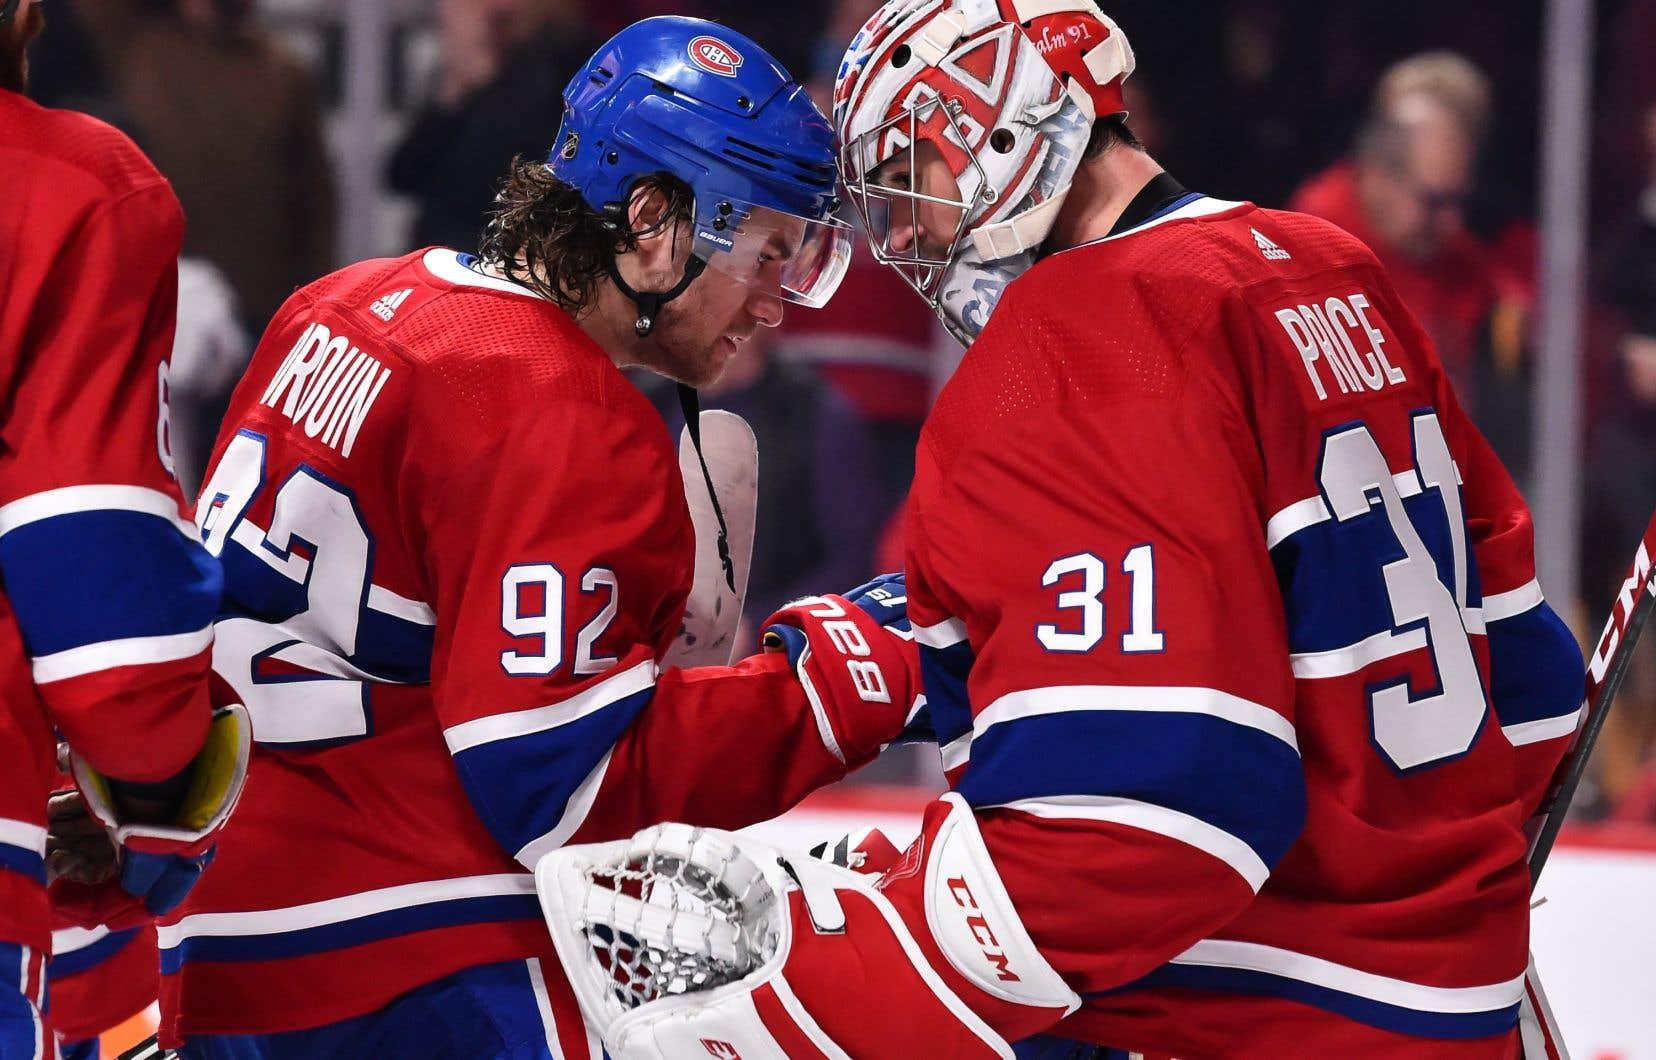 Le Canadien de Montréal pourra compter sur l'attaquant Jonathan Drouin et le gardien Cary Price pour amorcer la saison.